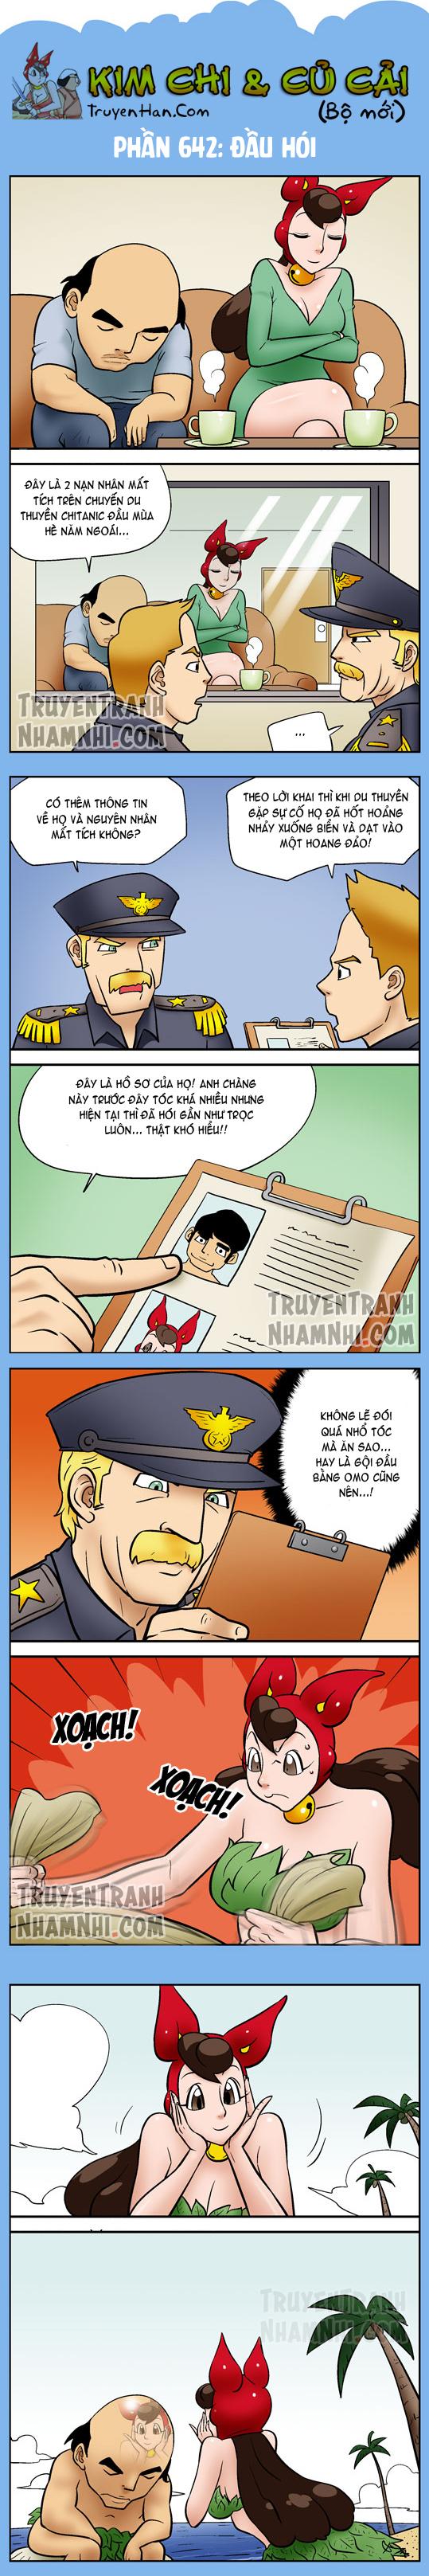 Kim Chi Và Củ Cải Phần 642: Đầu hói